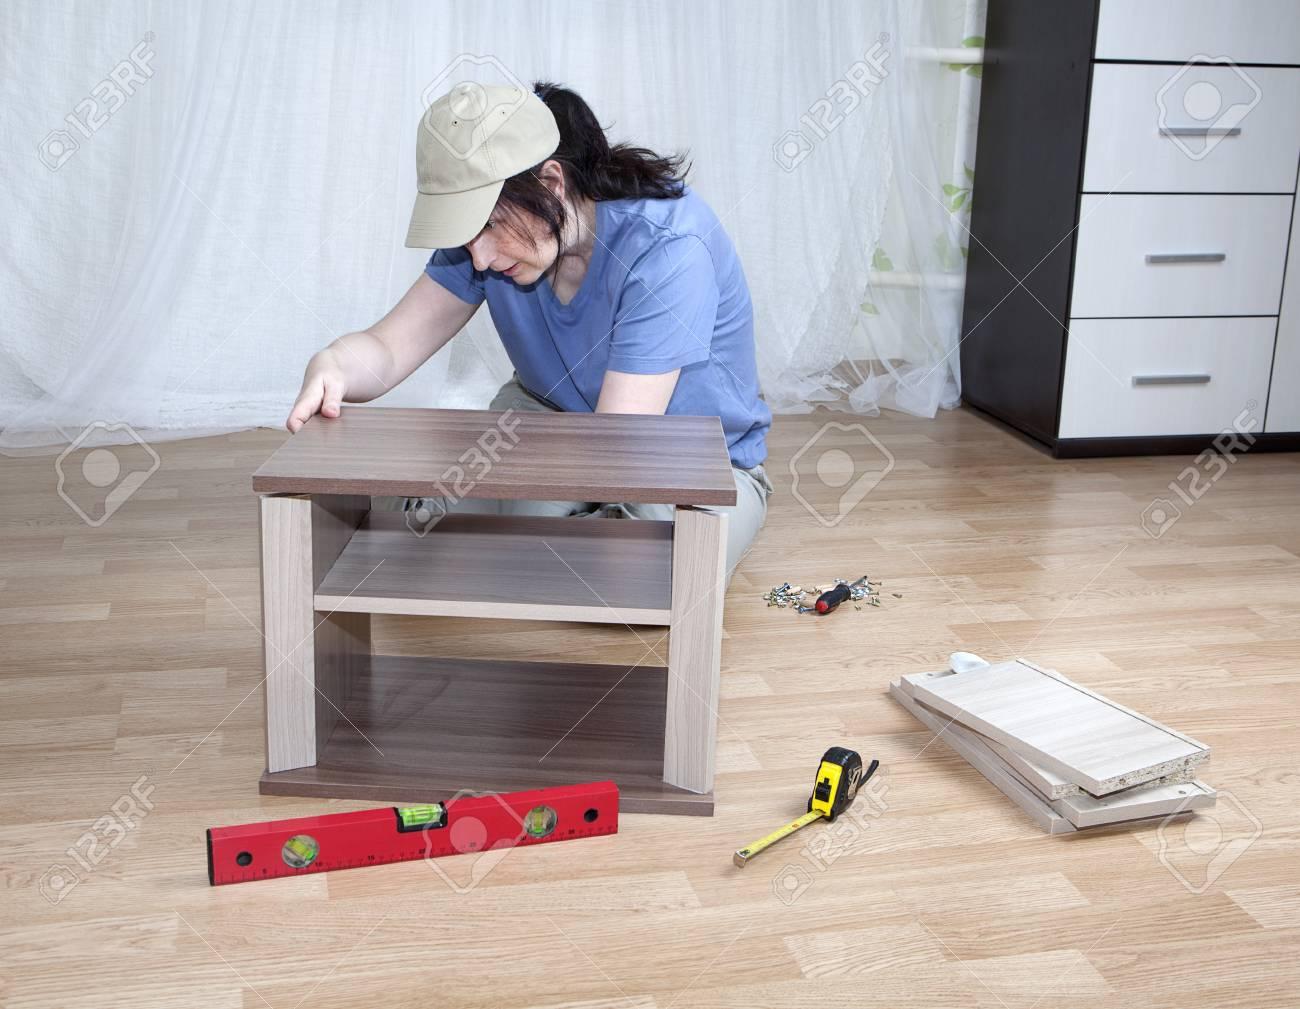 Ein Kaukasischer Frau Die Zusammen Die Selbstmontage Möbel Während